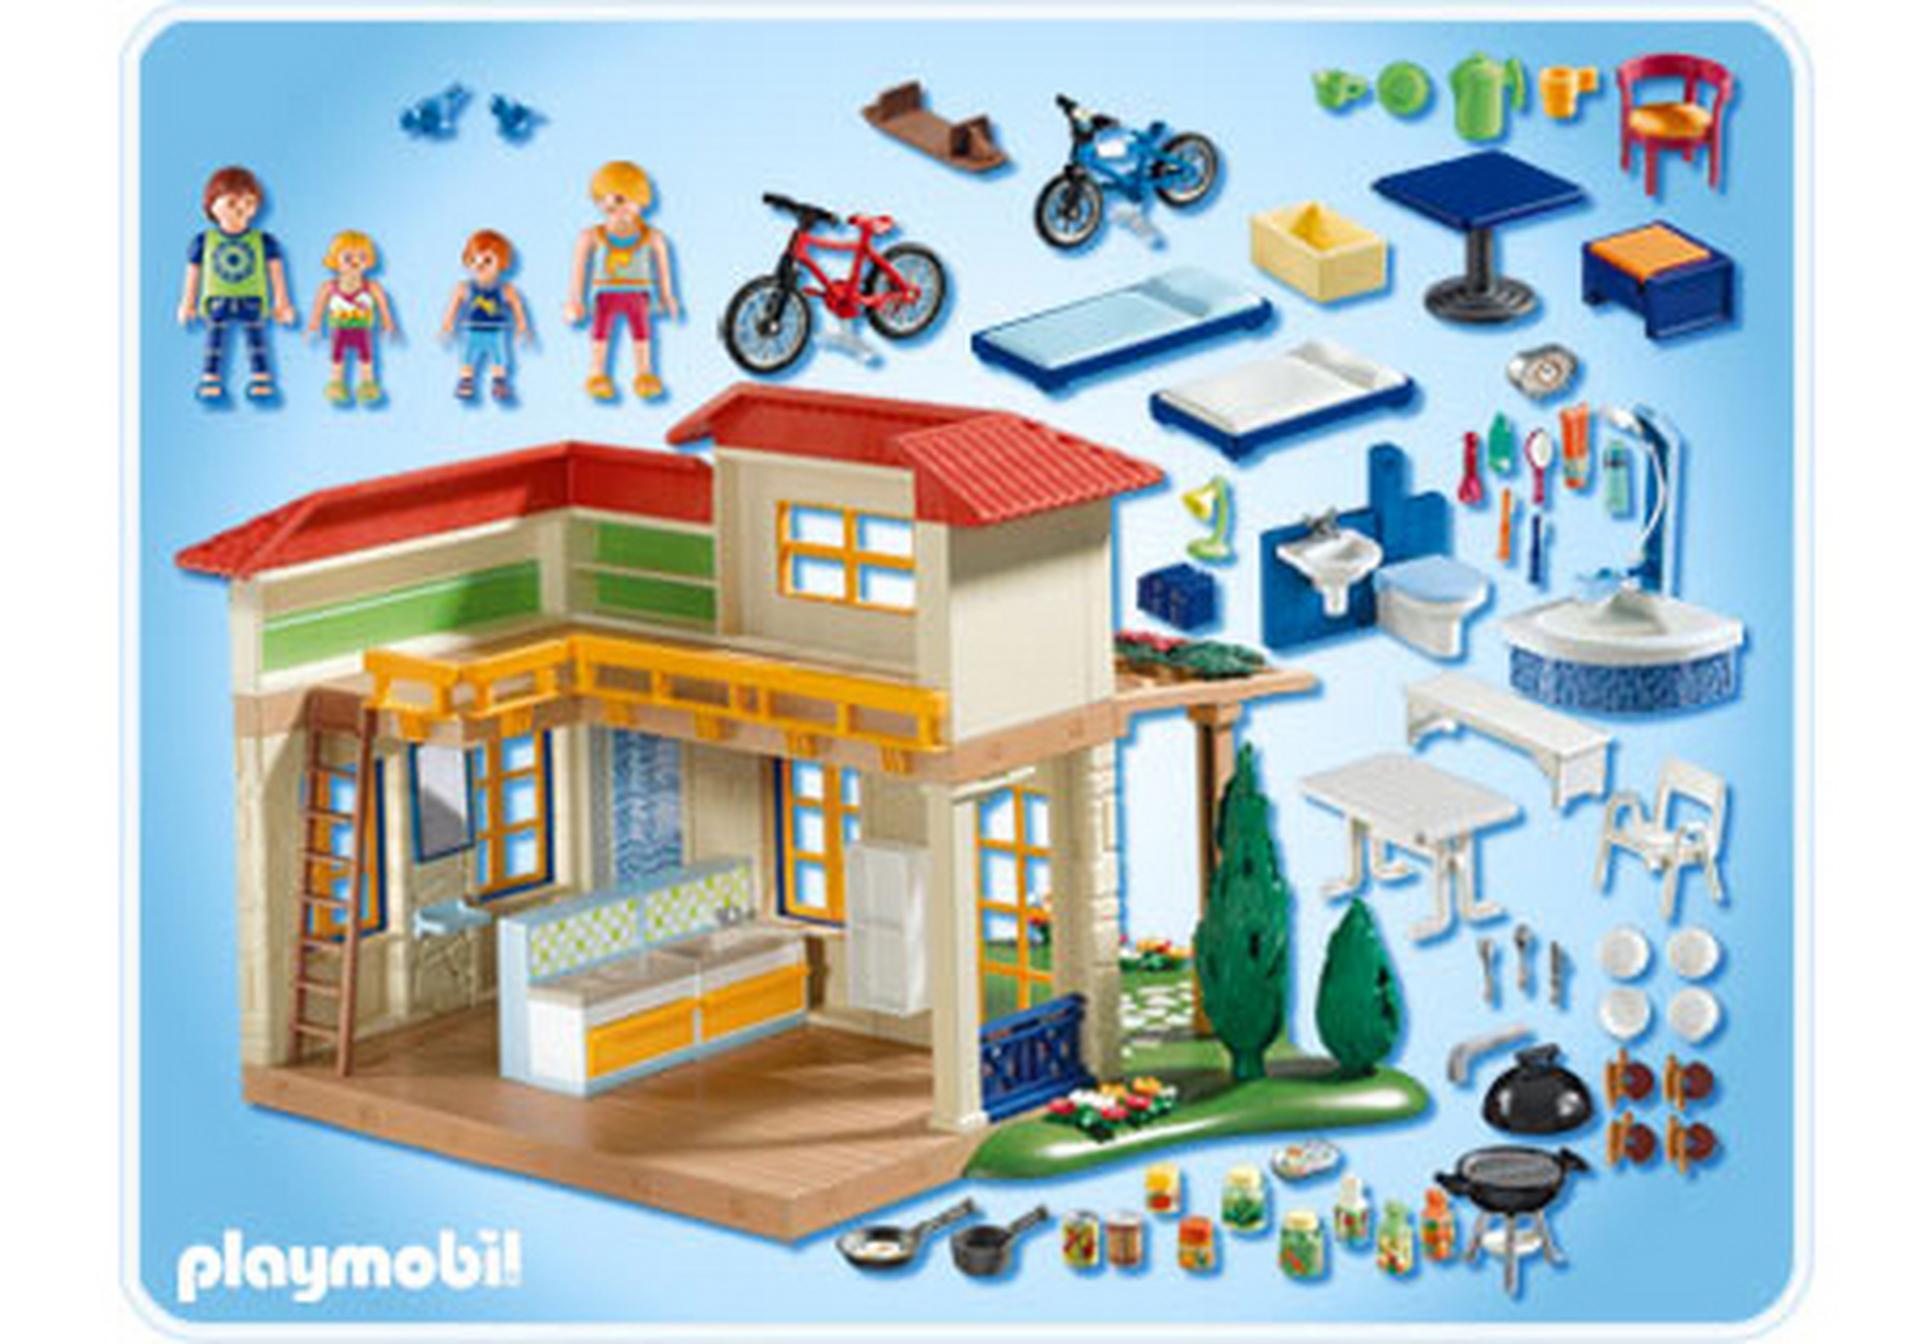 Ferientraumhaus - 4857-A - PLAYMOBIL® Deutschland